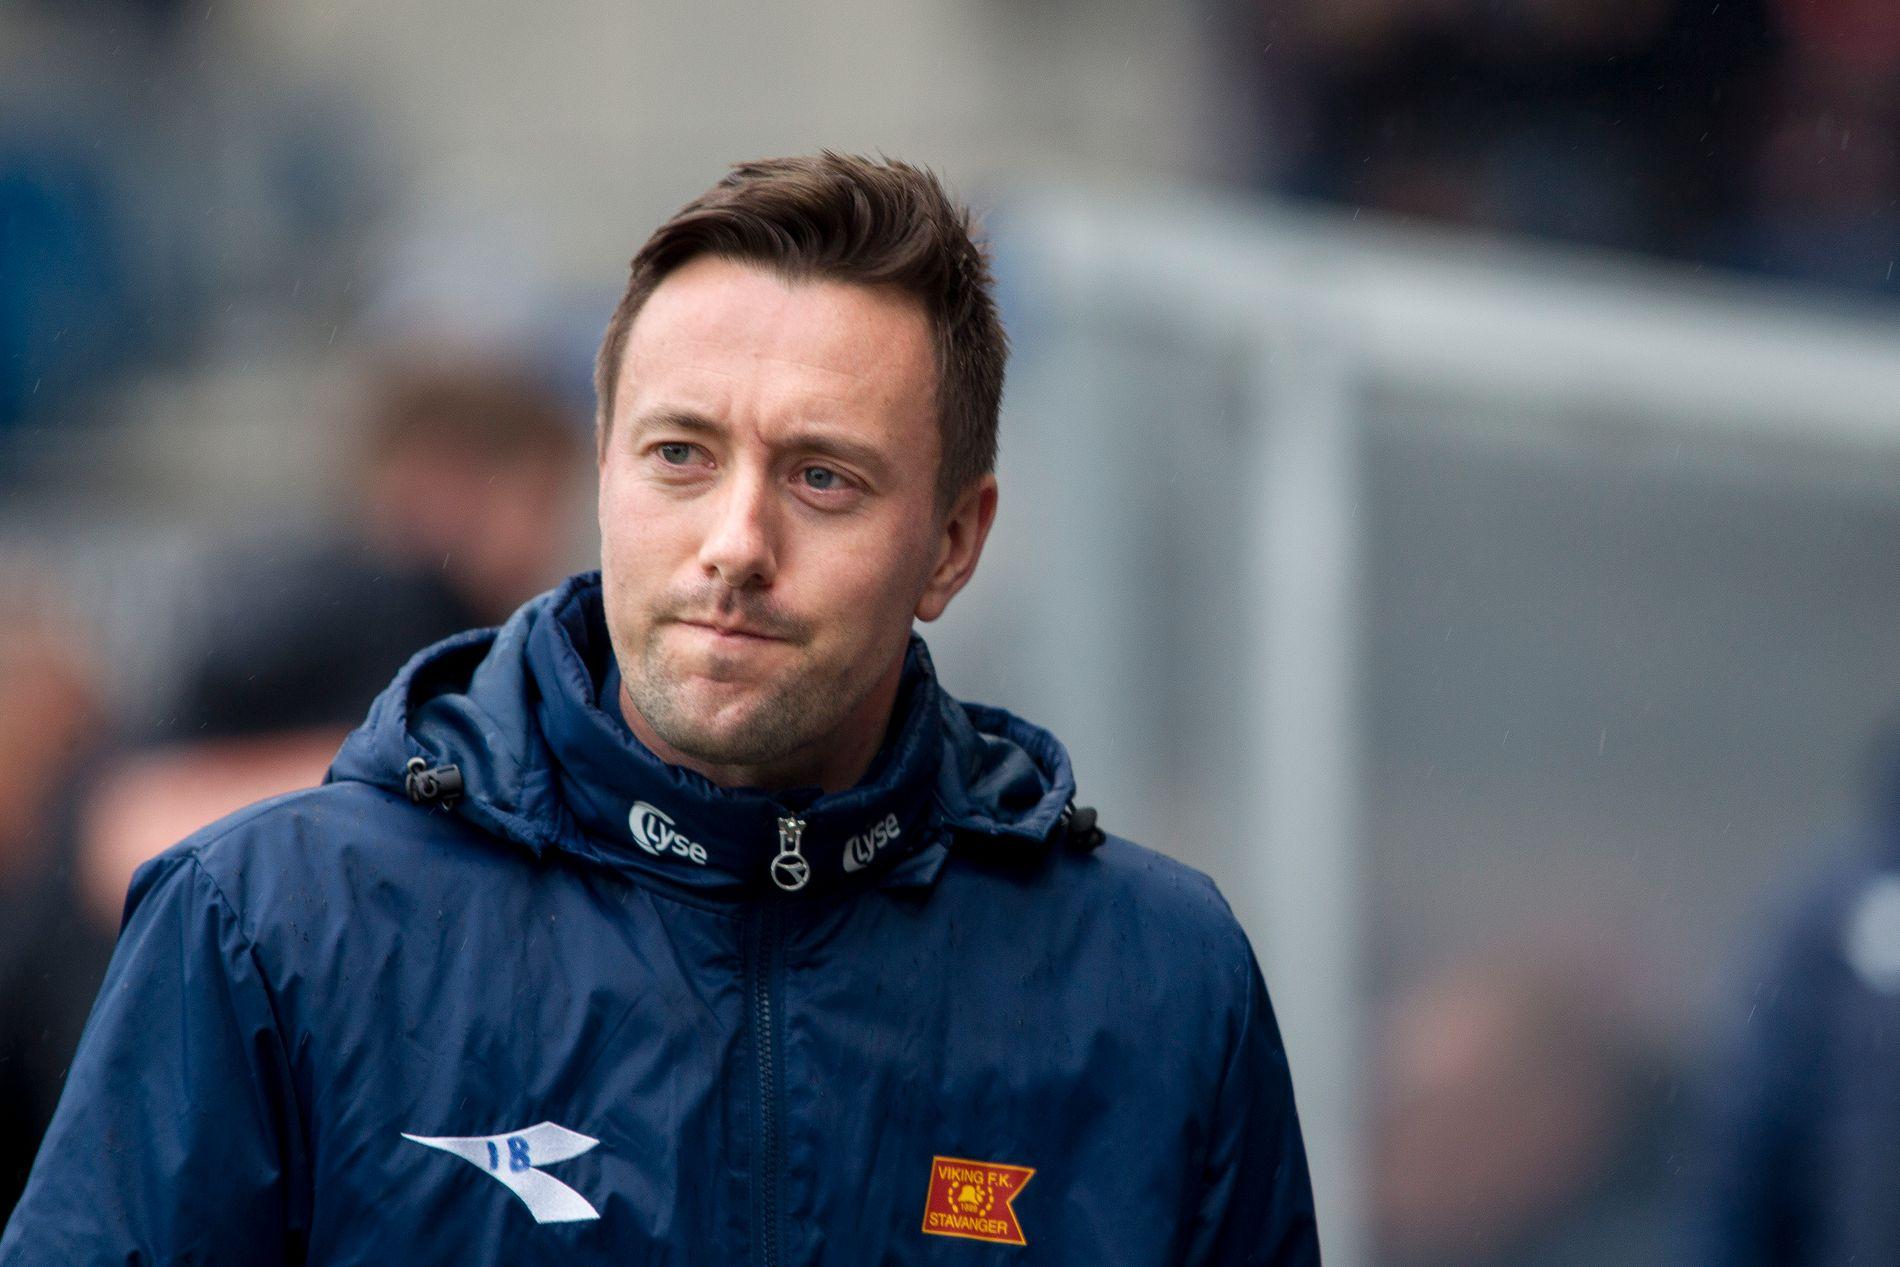 DELER ØNSKELISTEN: Viking-sjef Ian Burchnall vil hente fem-seks nye spillere til klubben i løpet av sommeren. FOTO: NTB scanpix